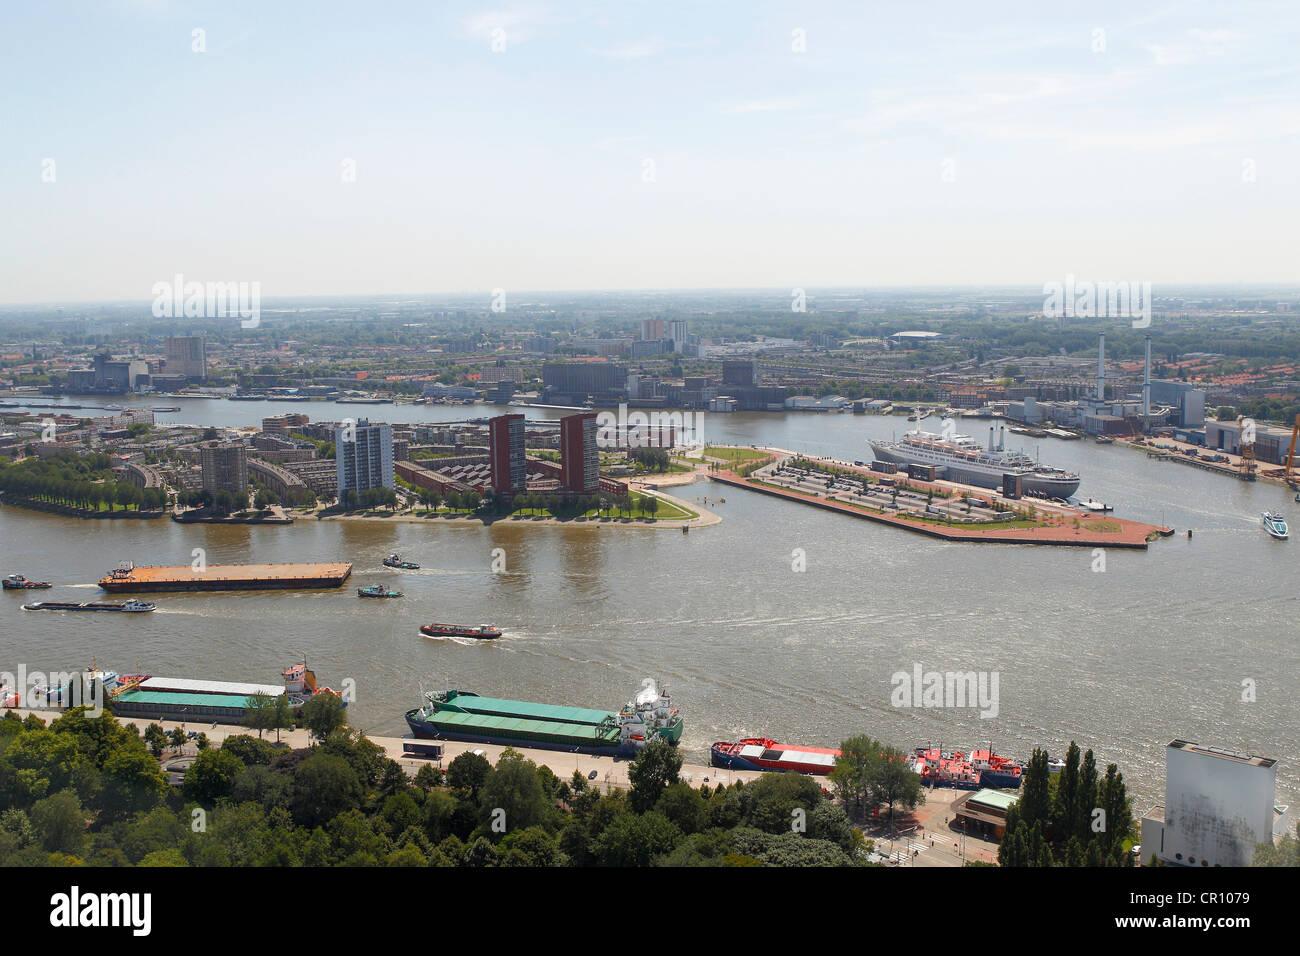 Ciudad de Rotterdam, Holanda, los Países Bajos, Europa Imagen De Stock